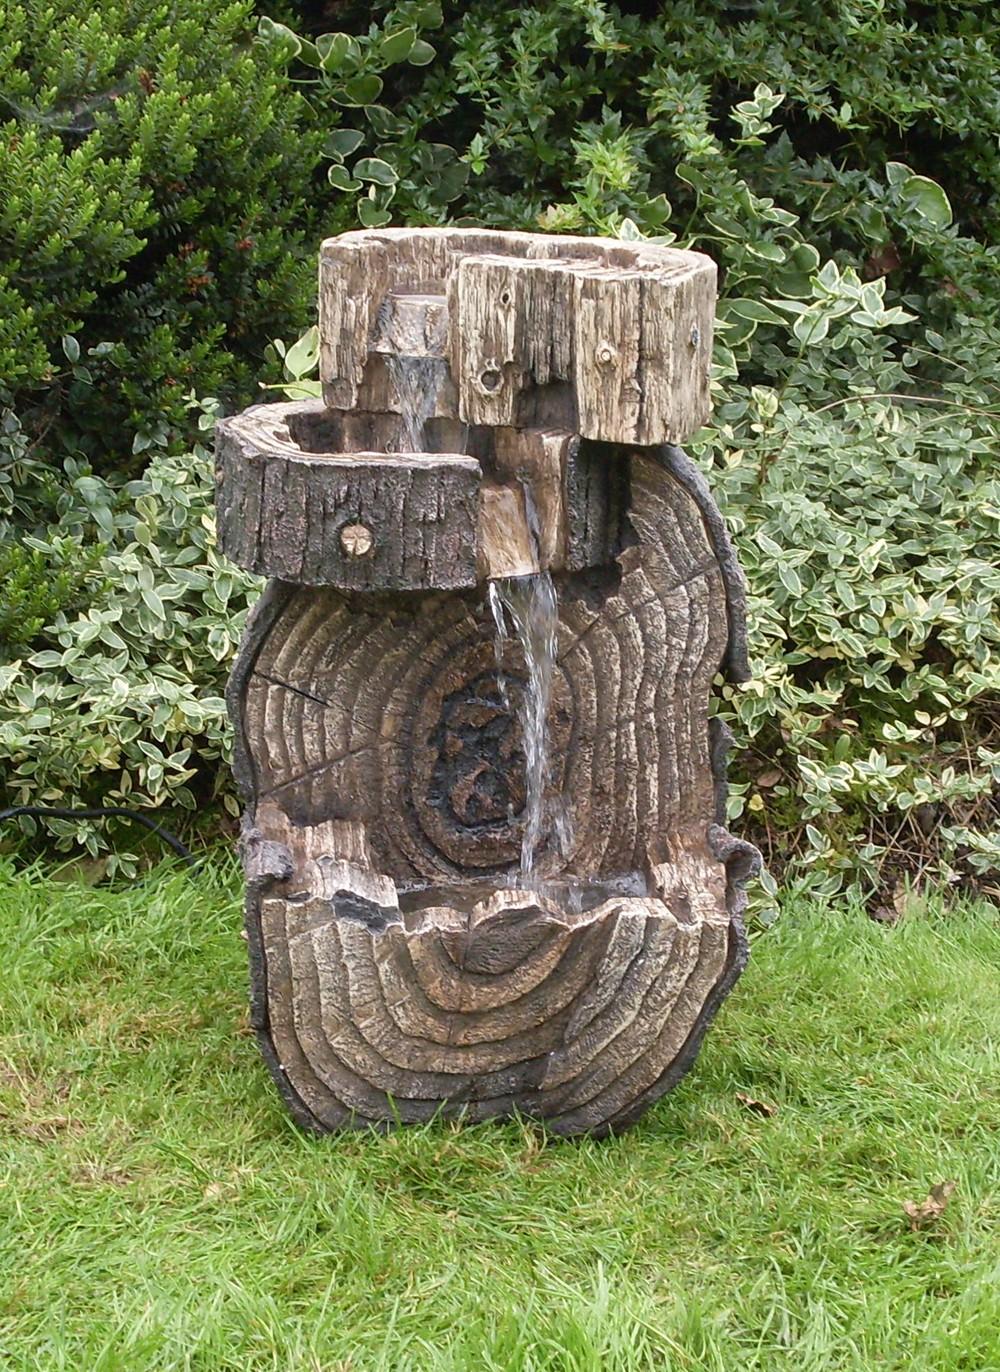 Fontana sezione d 39 albero con luci 223 15 for Giardino primrose